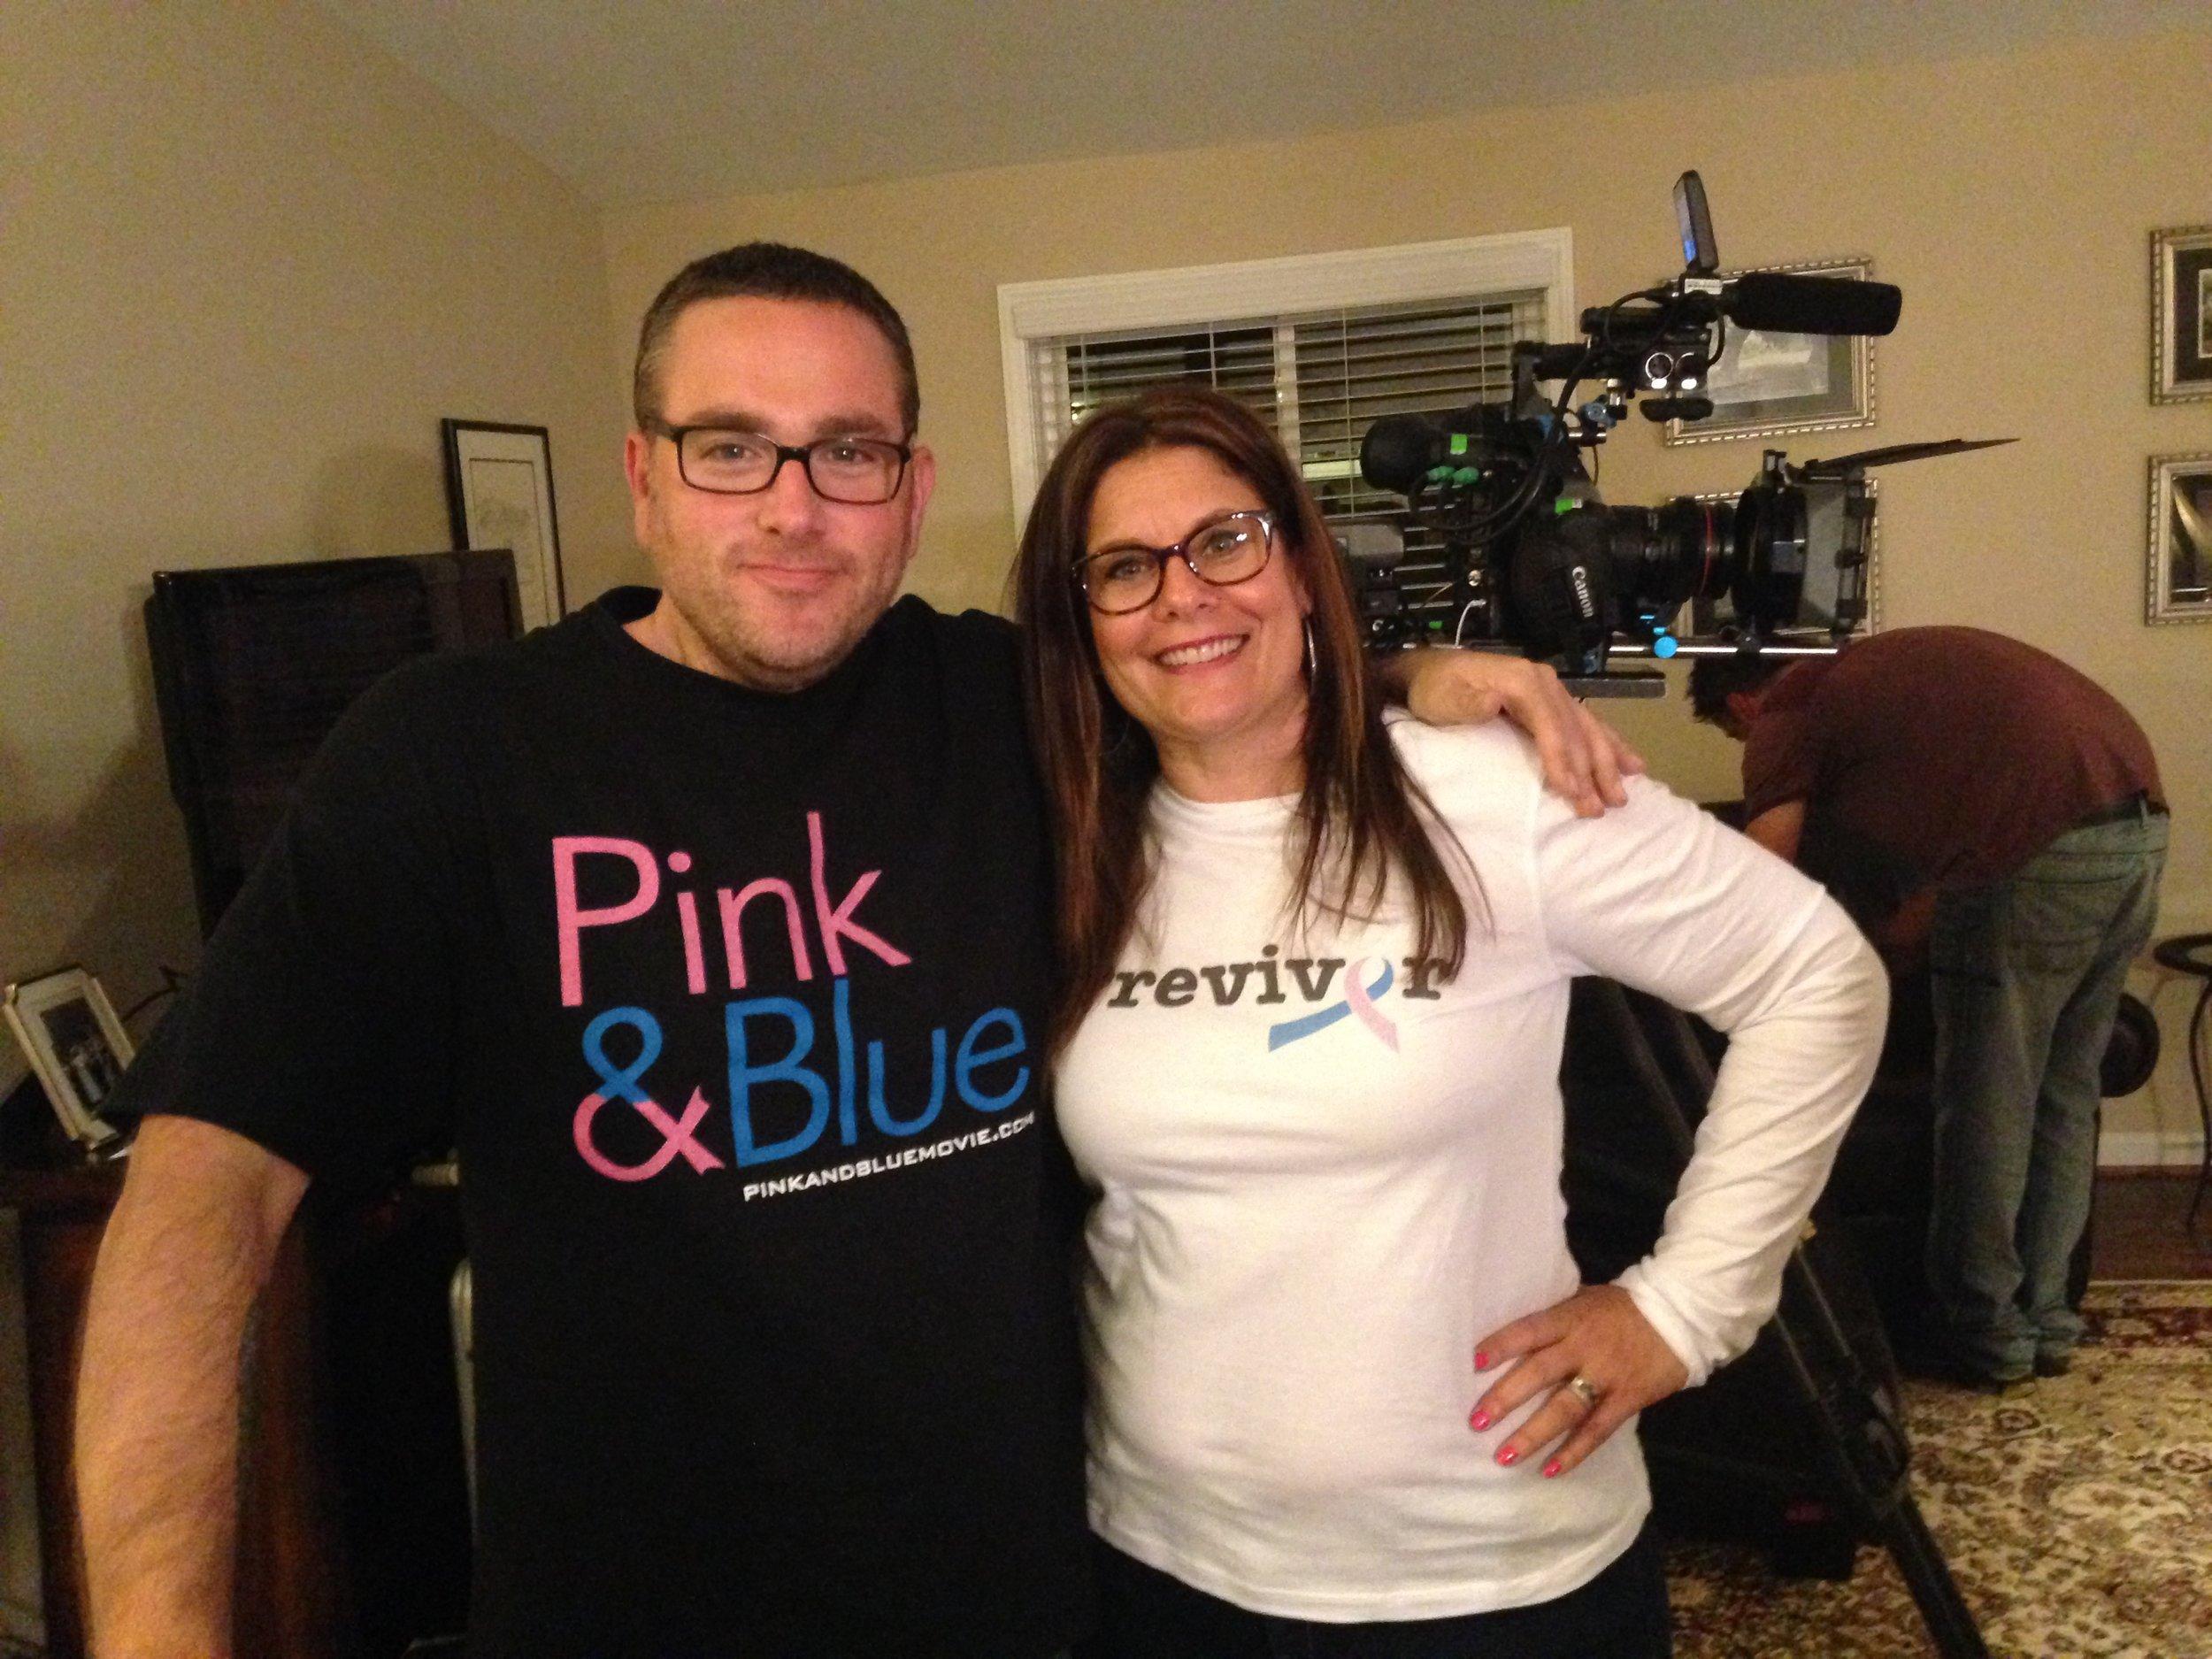 Alan M. Blassberg (Director/Filmmaker) & Marla